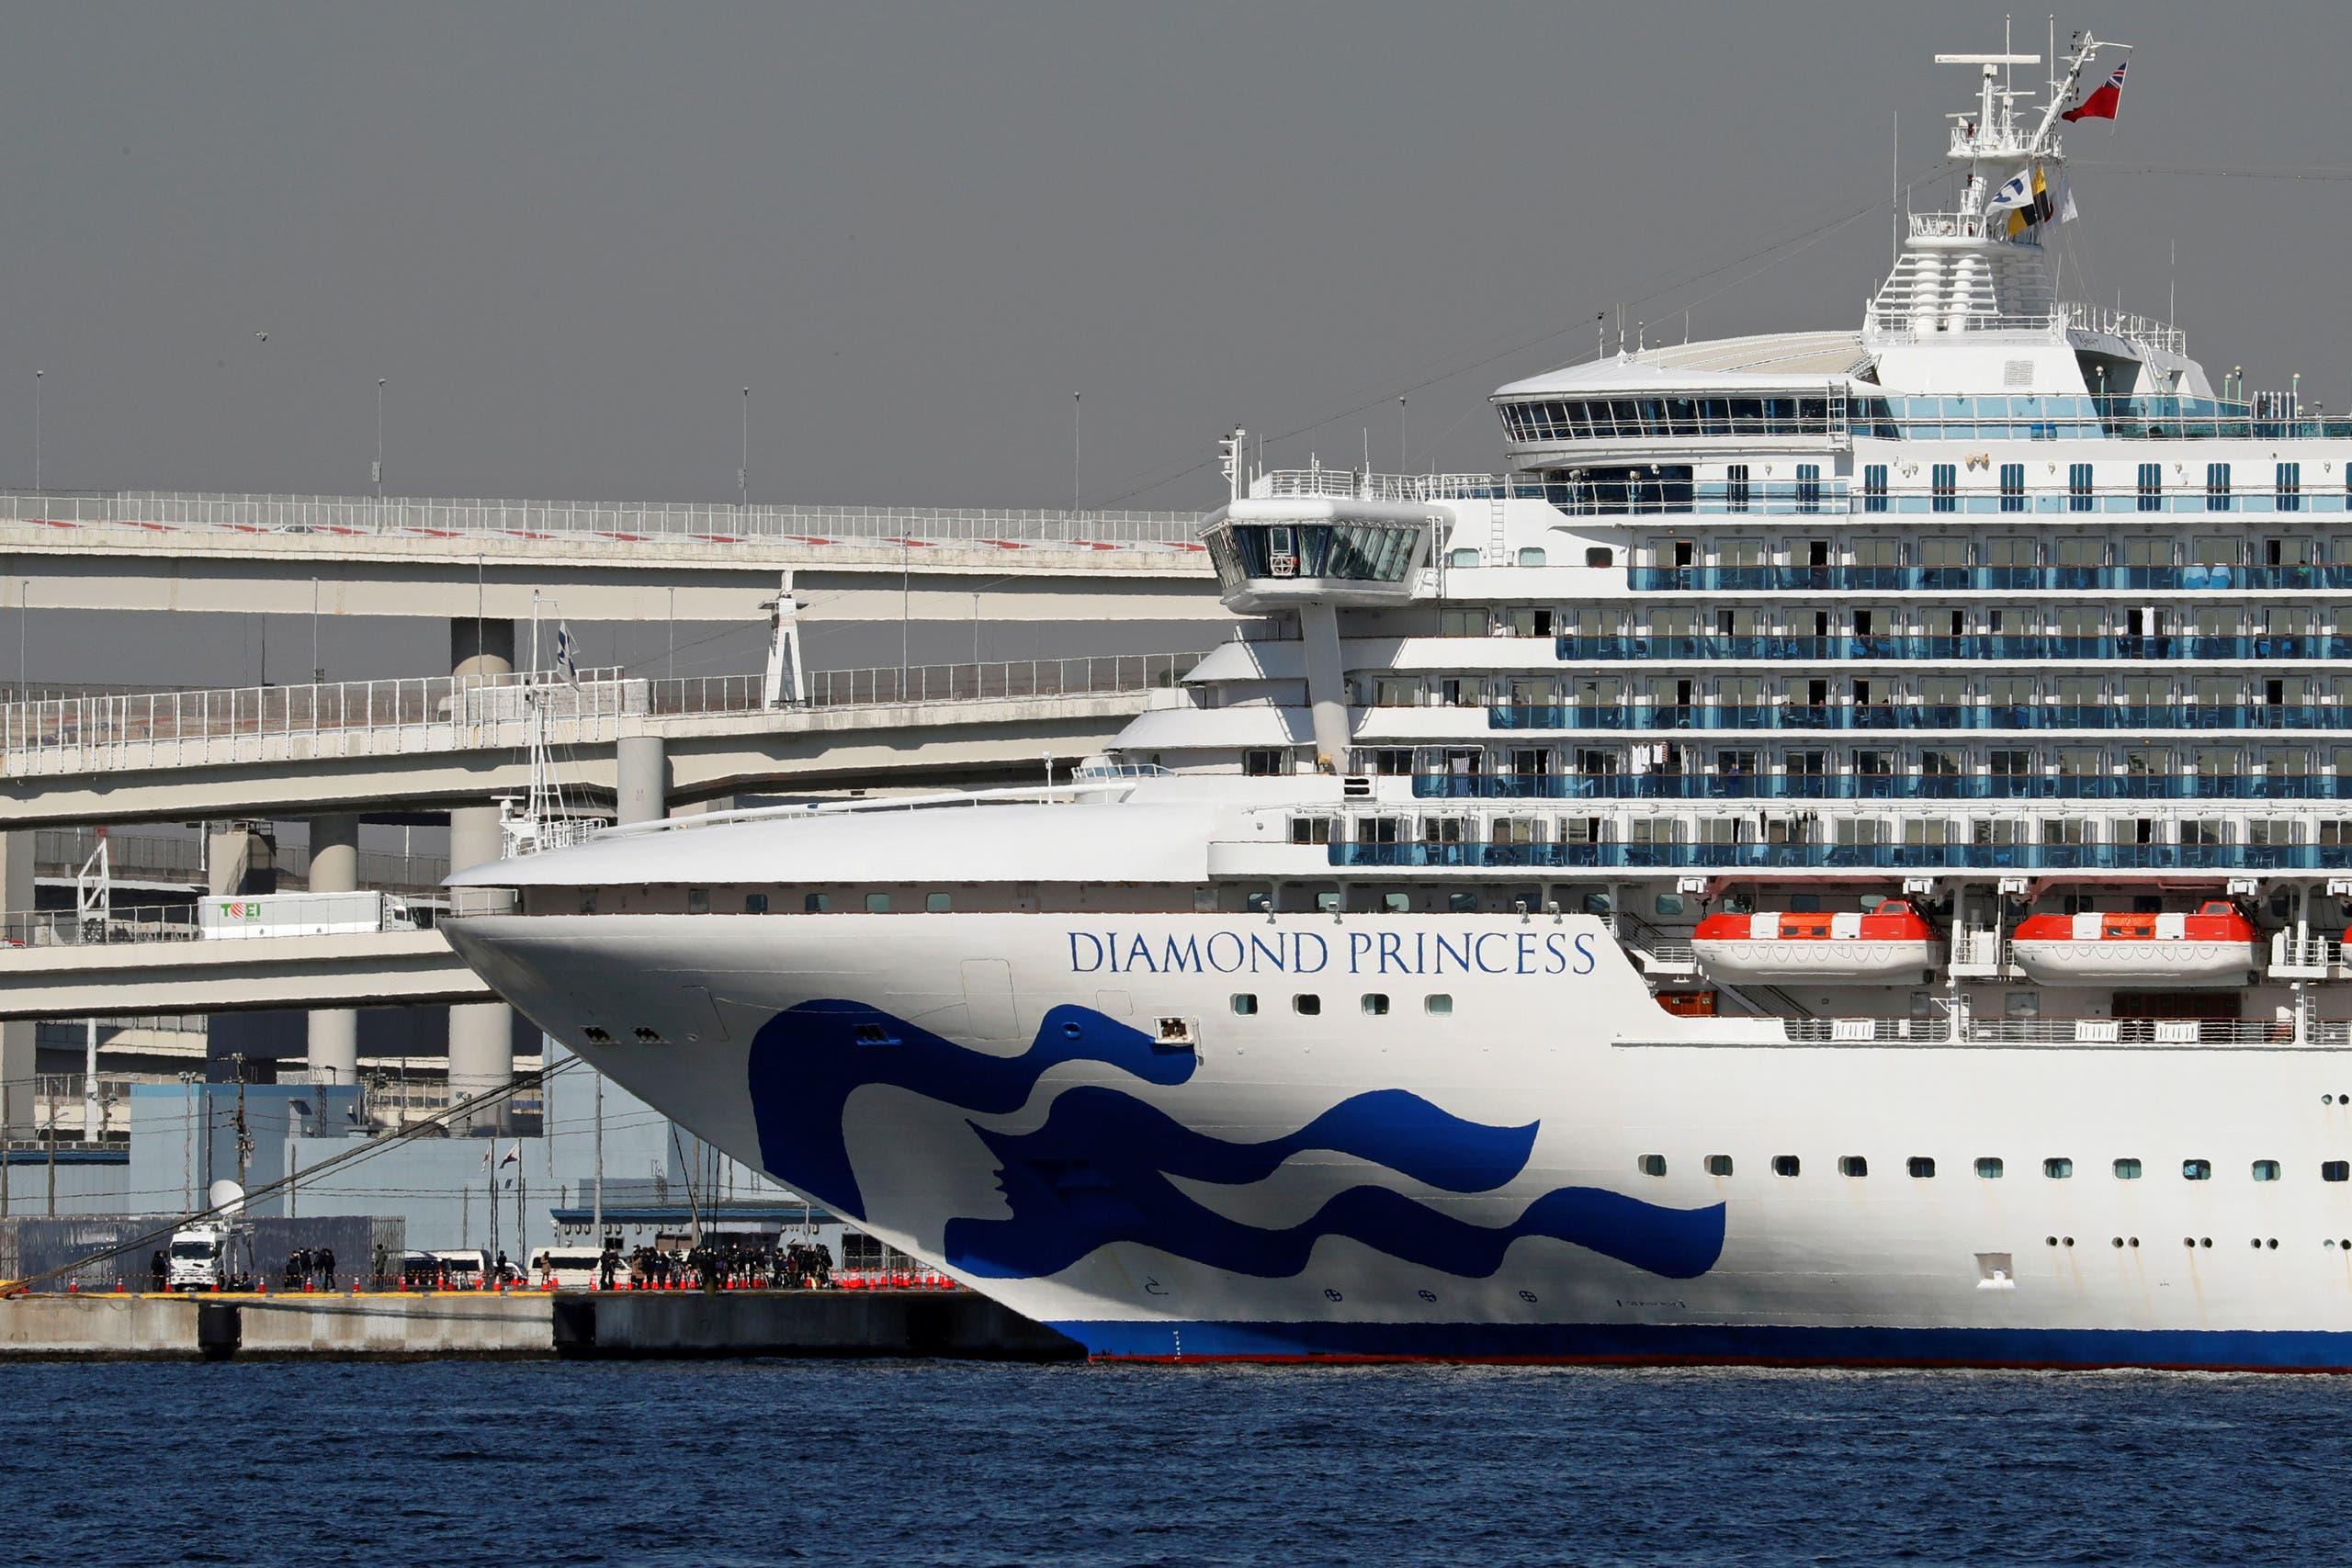 سفينة دايموند برينساس(رويترز)